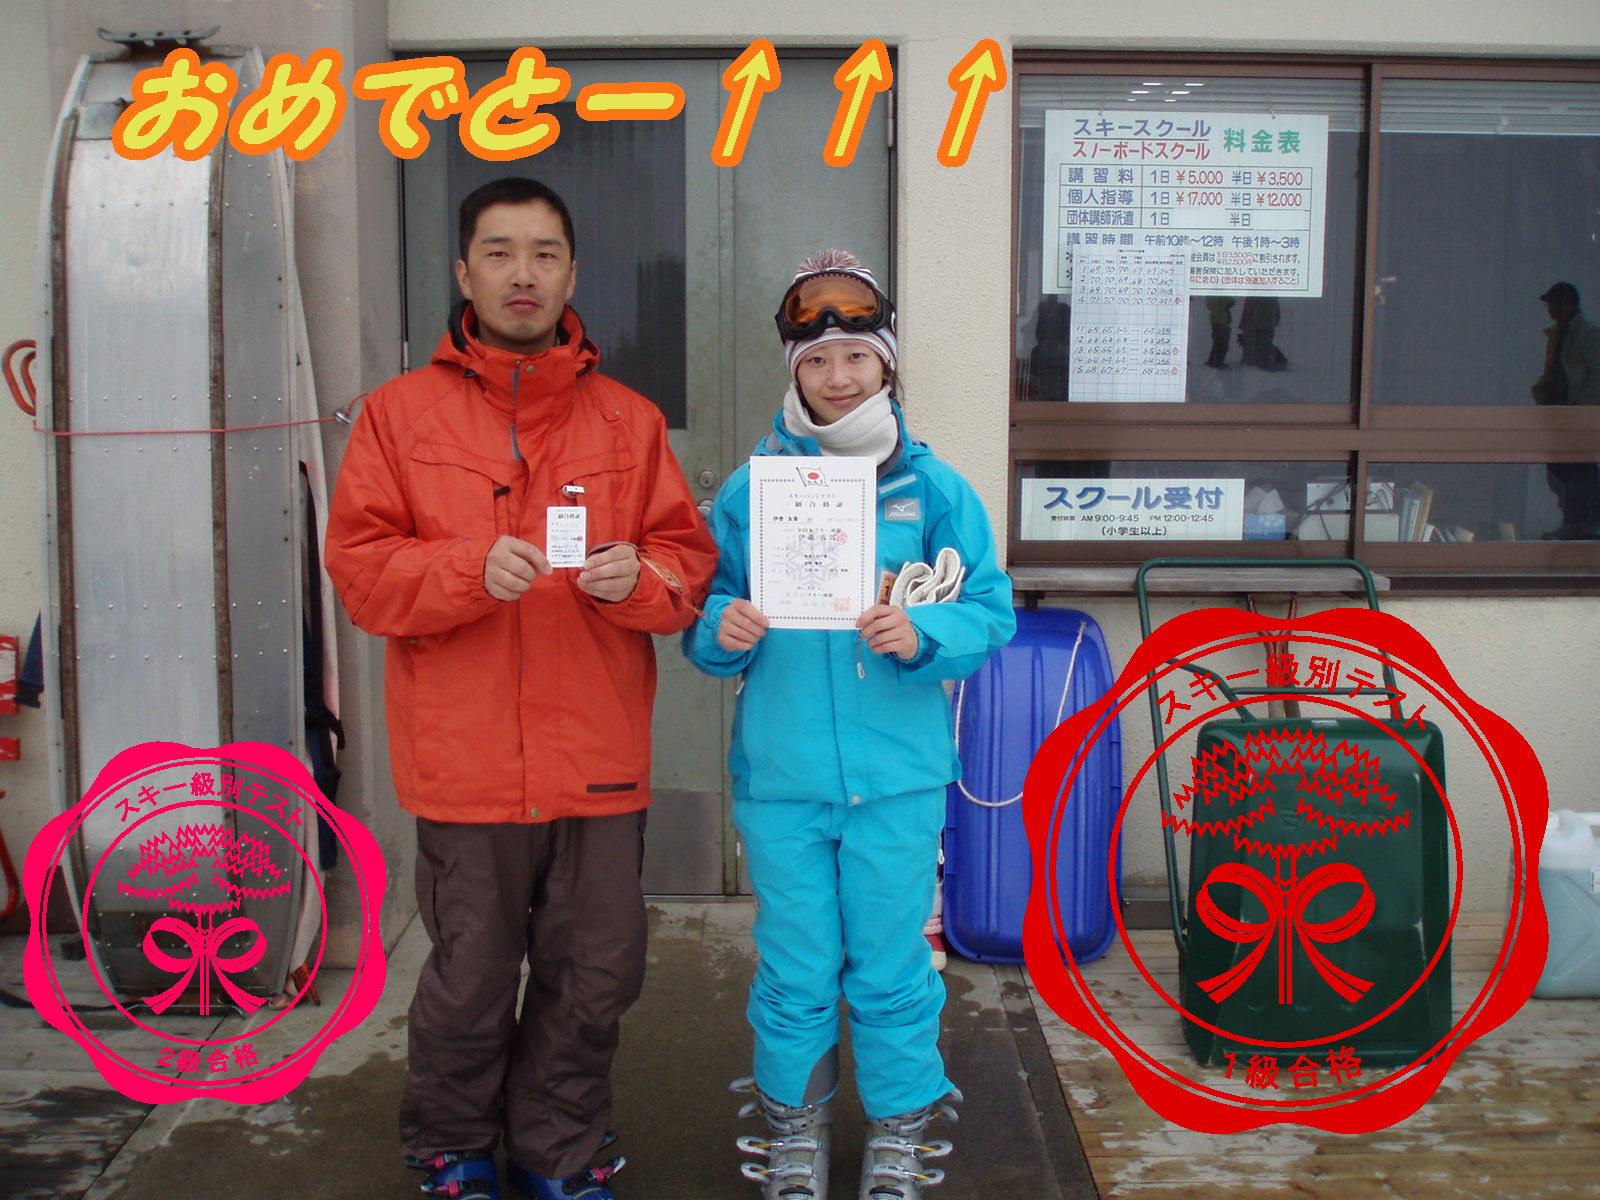 3月2日日曜日♪_f0118218_204813.jpg